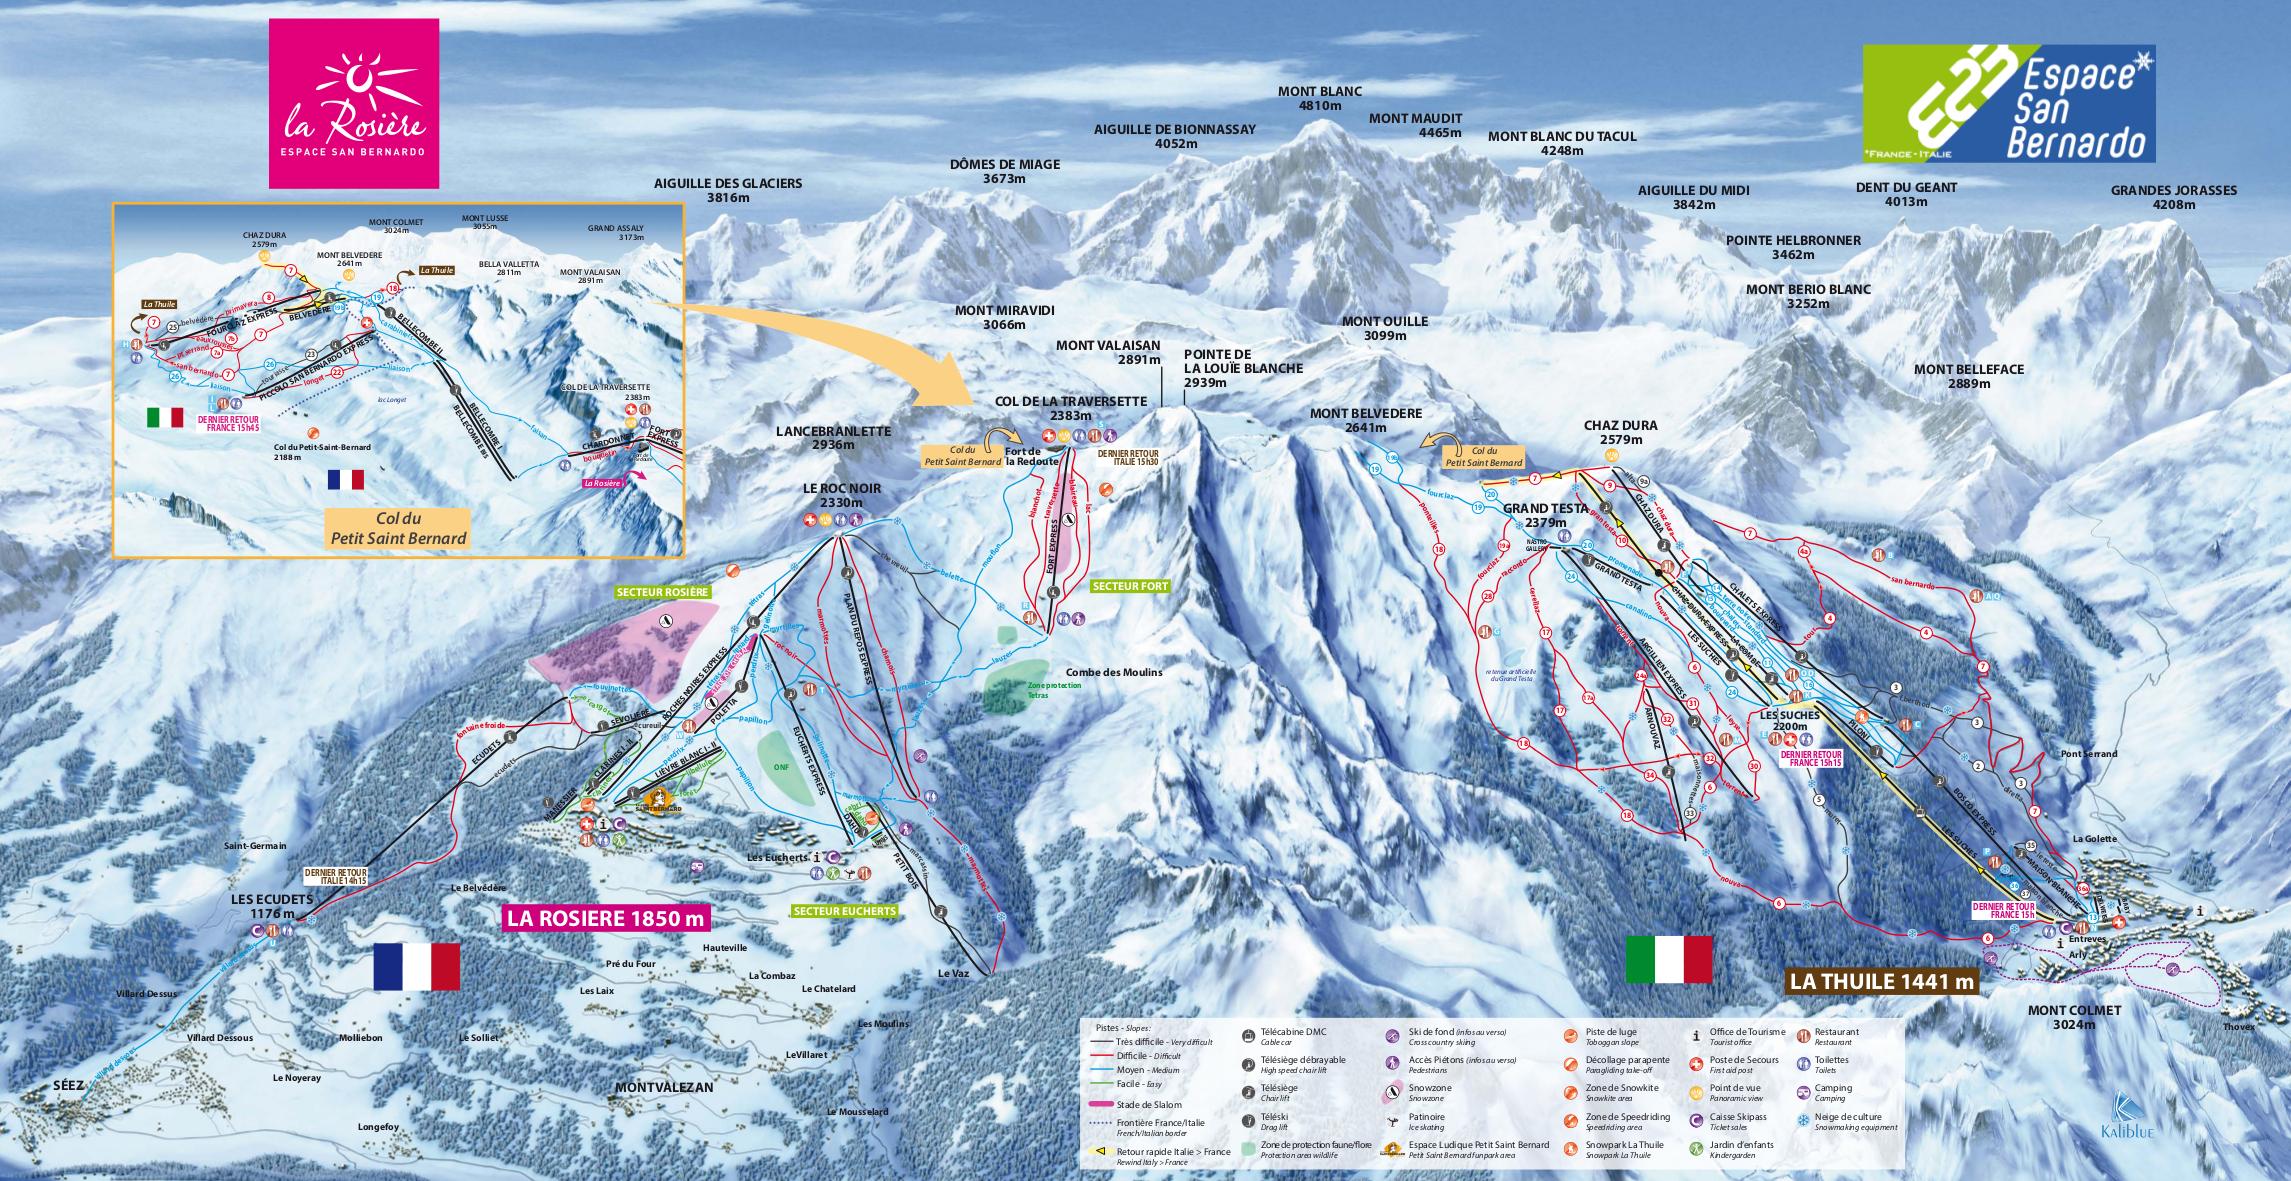 FR_LaRosiere_Ski area 2015